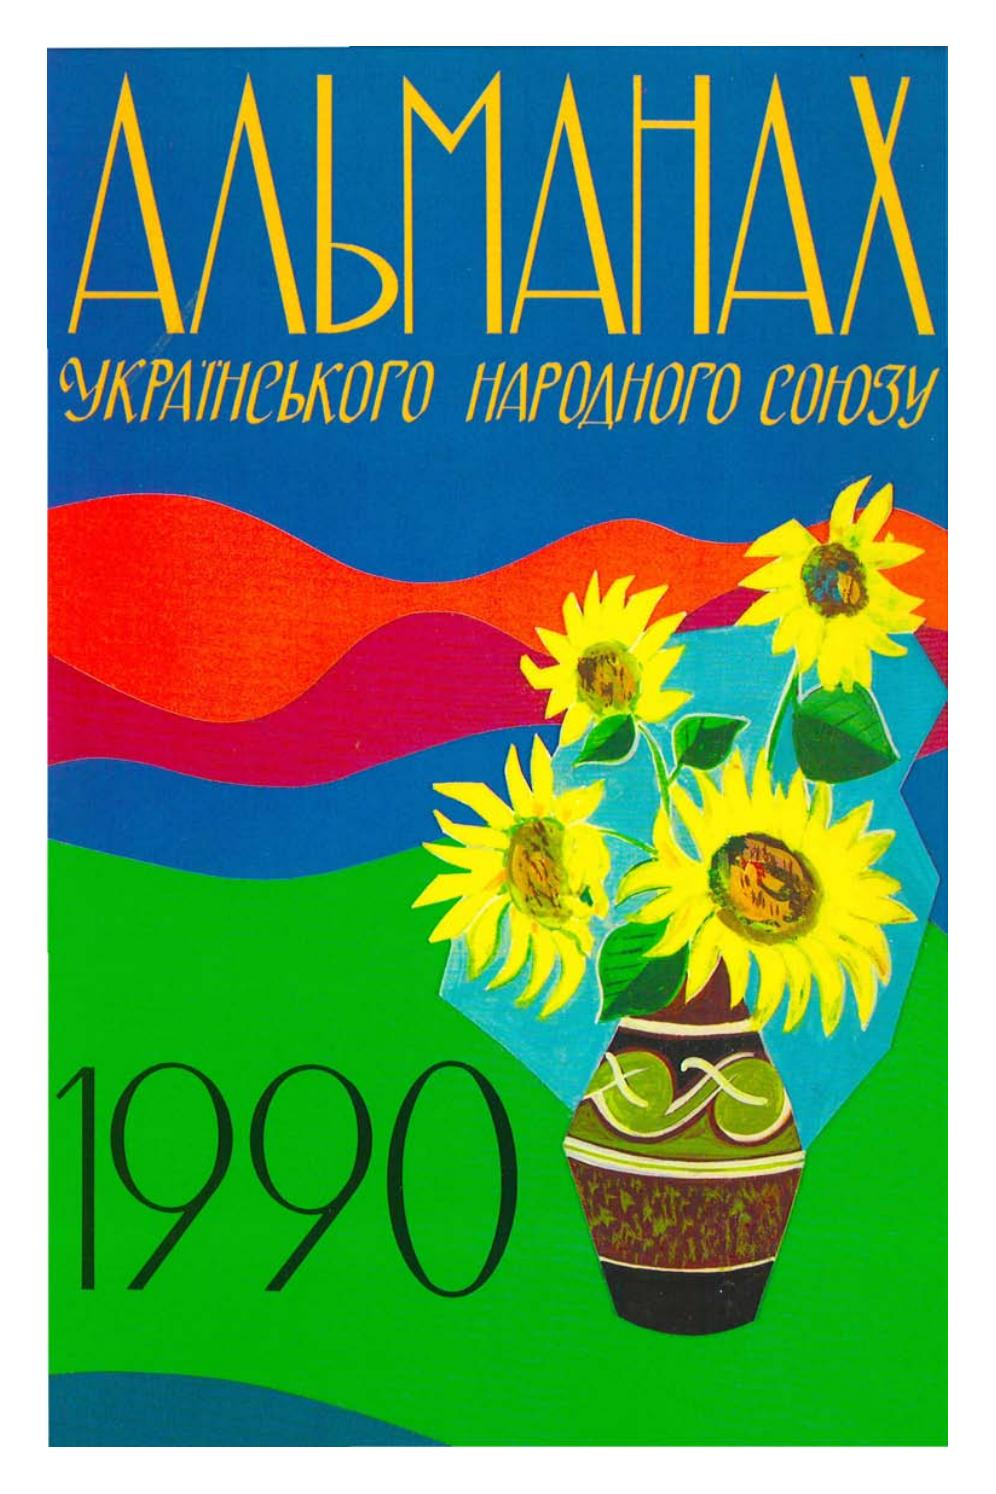 Альманах Українського Народного Союзу на рік 1990 by Січеславська Просвіта  - issuu 3b914fa5daedf